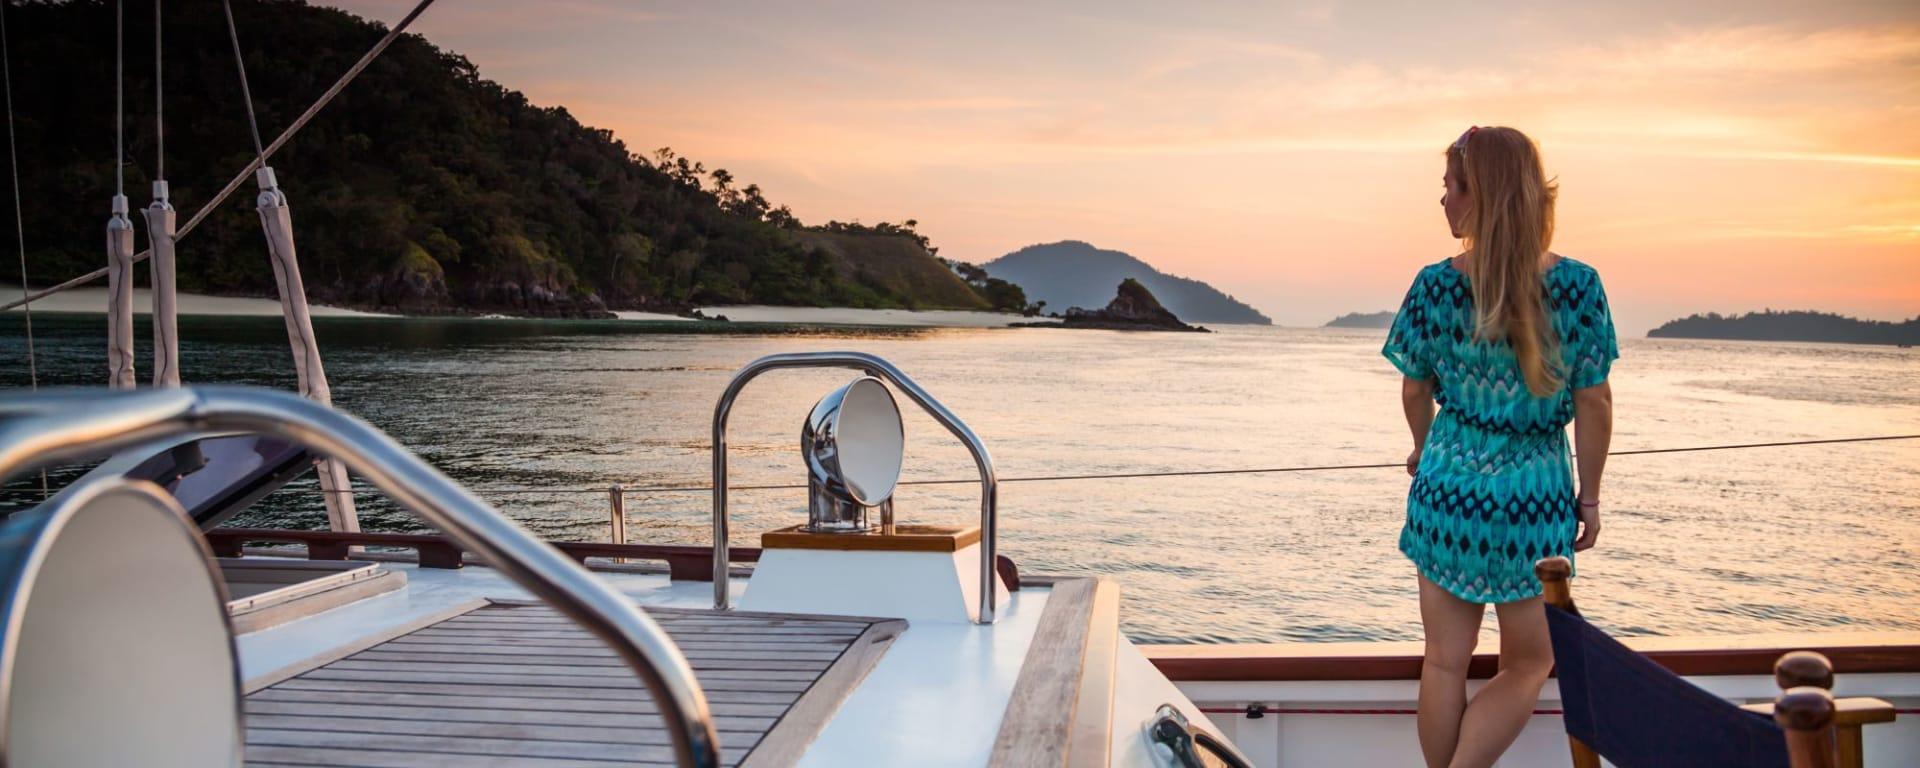 Croisière en voilier dans l'archipel paradisiaque des Mergui de Kawthaung: SY Meta IV at Mergui Archipelago 003